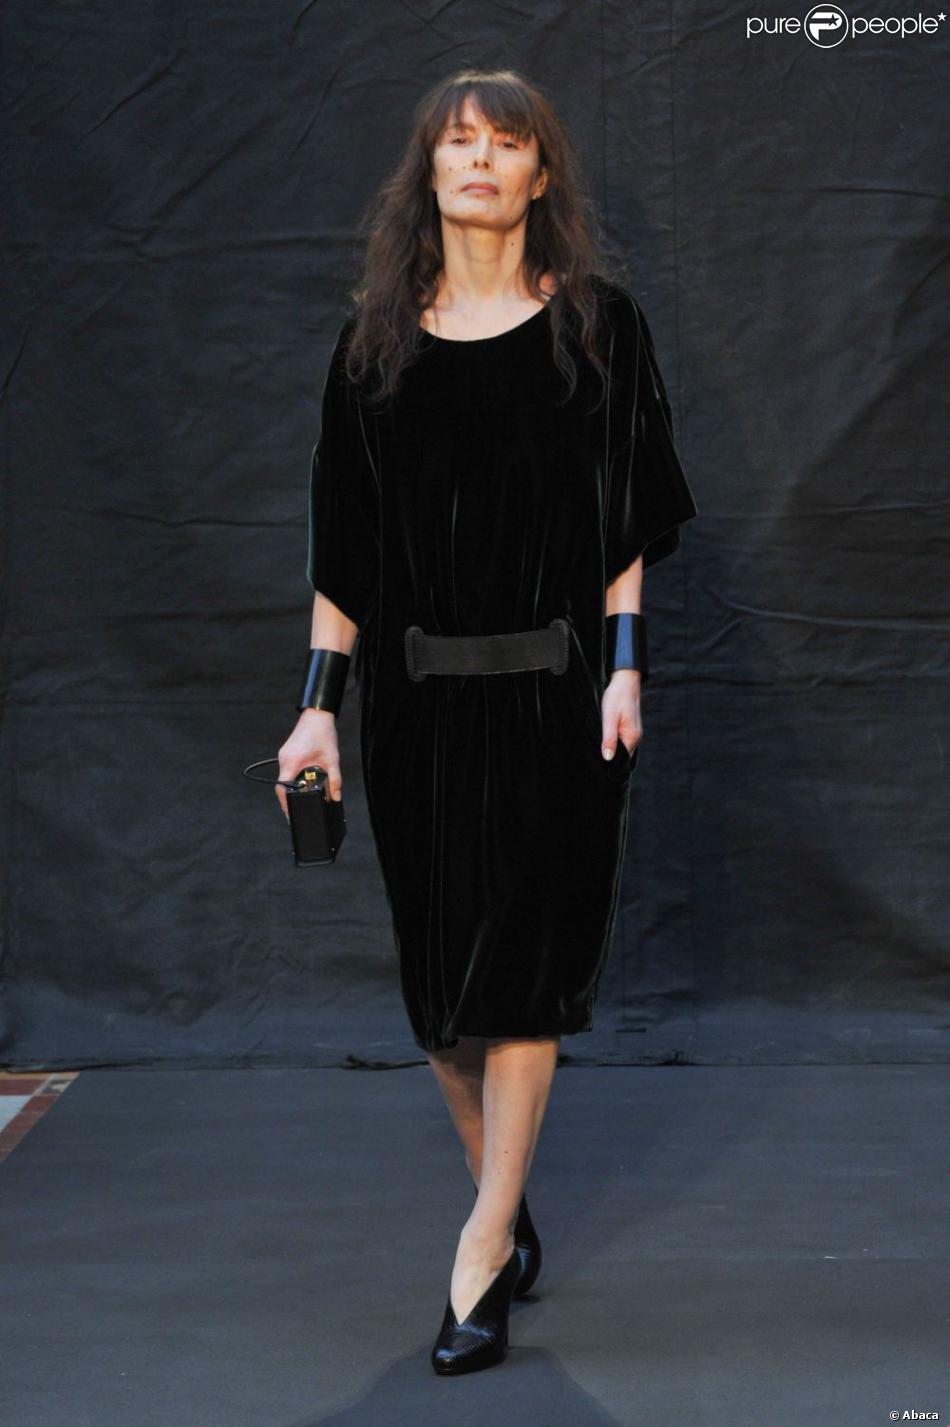 bambou s 39 improvise mannequin lors du d fil herm s paris le 4 mars 2012 purepeople. Black Bedroom Furniture Sets. Home Design Ideas